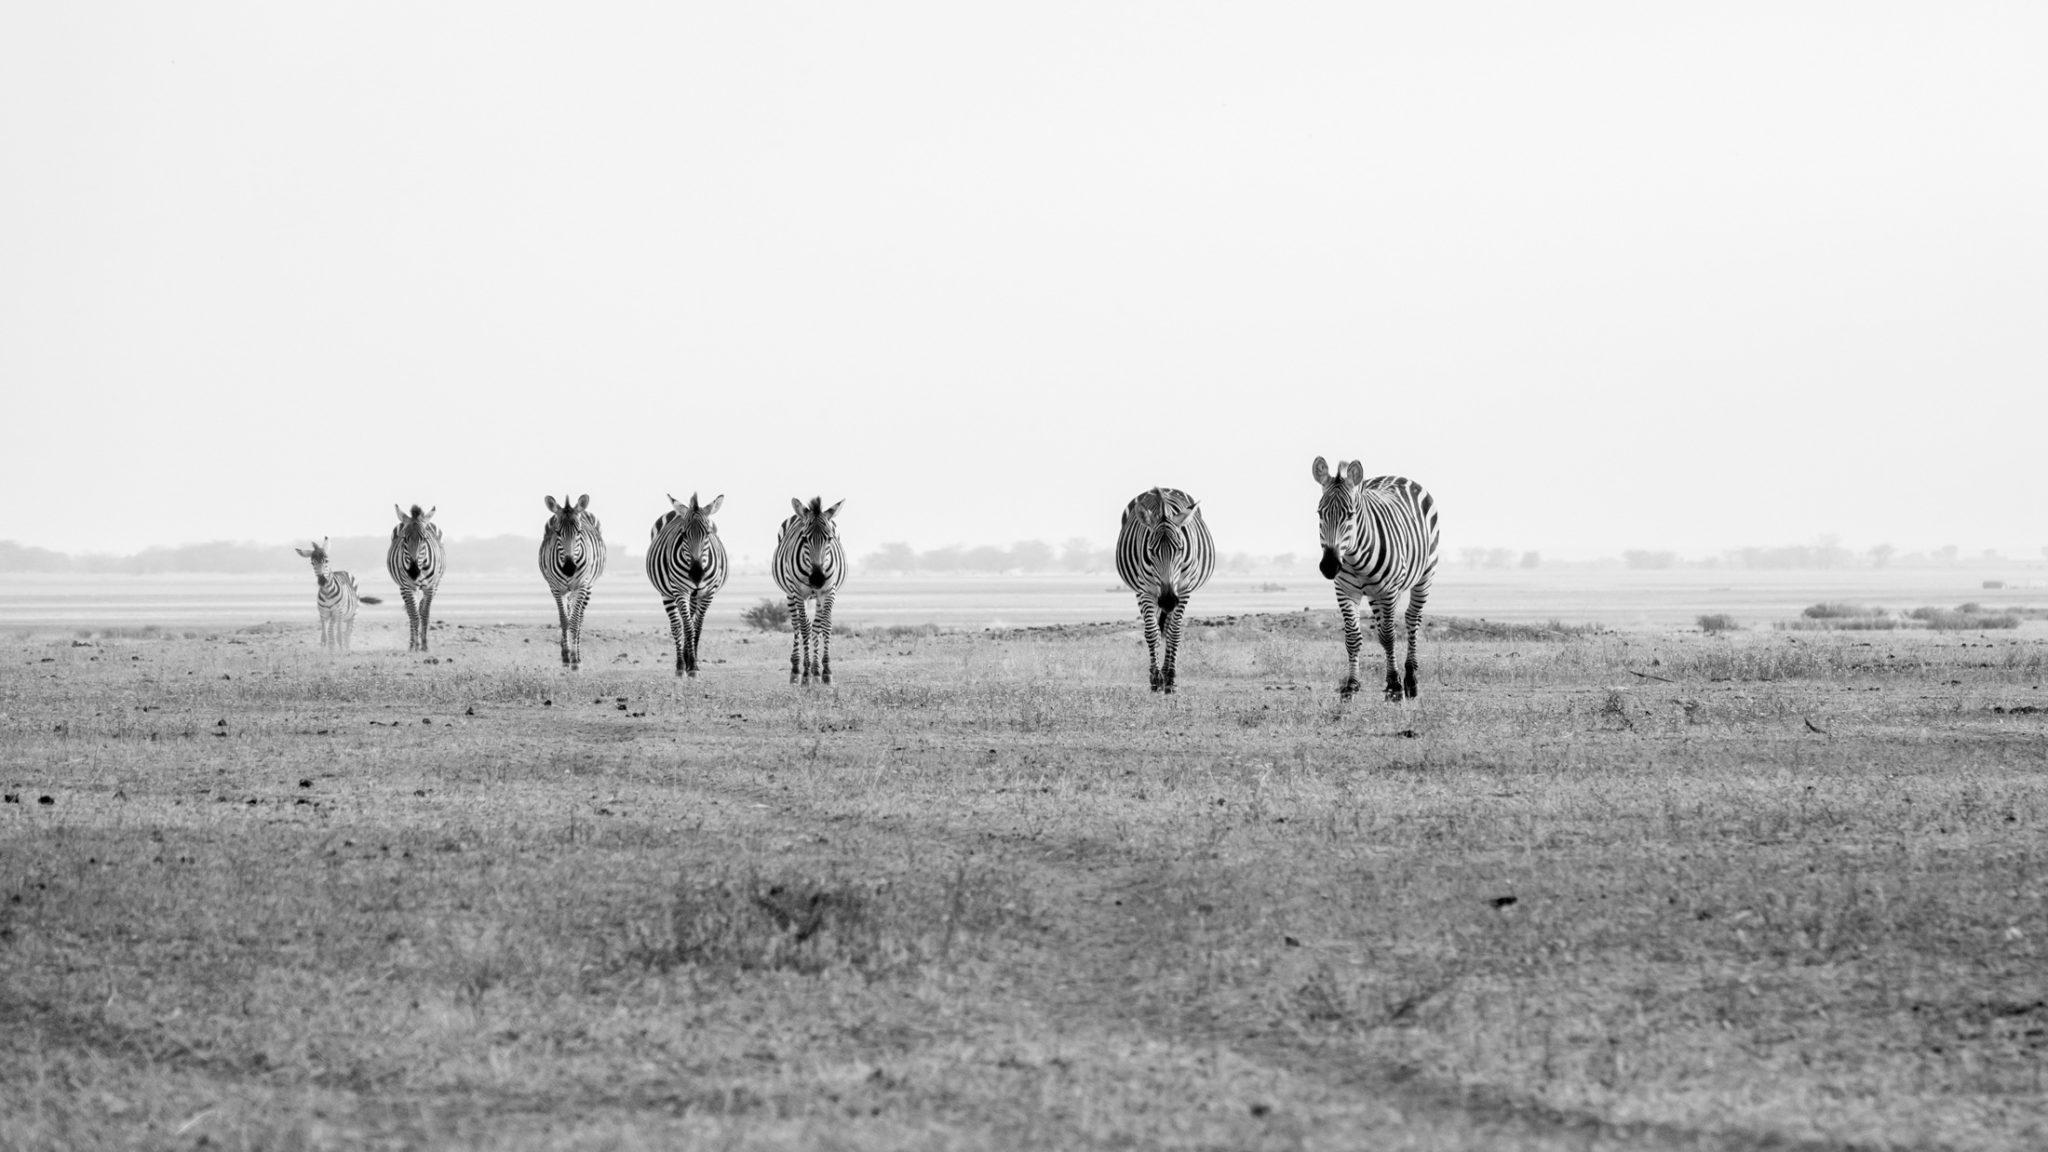 Zebras auf dem Weg zur Wasserstelle, Tansania